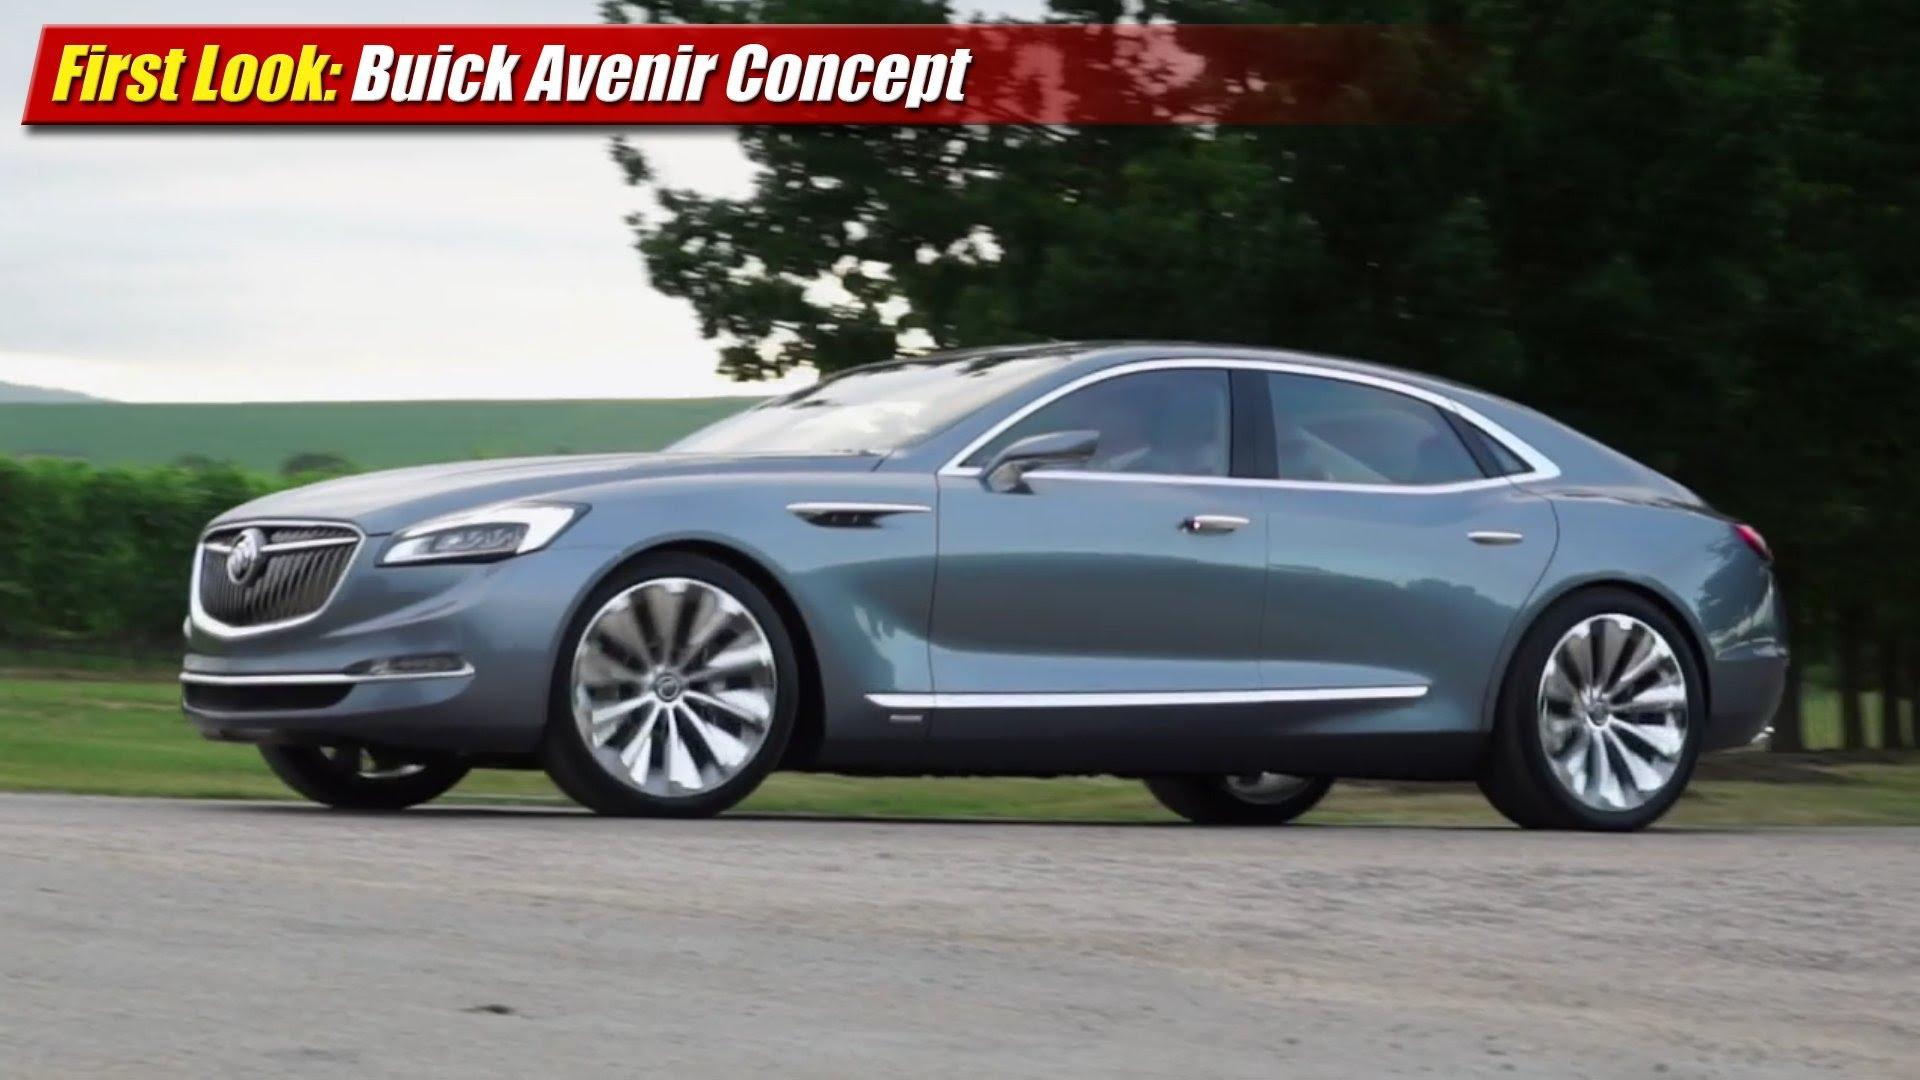 First Look: Buick Avenir Concept - TestDriven.TV